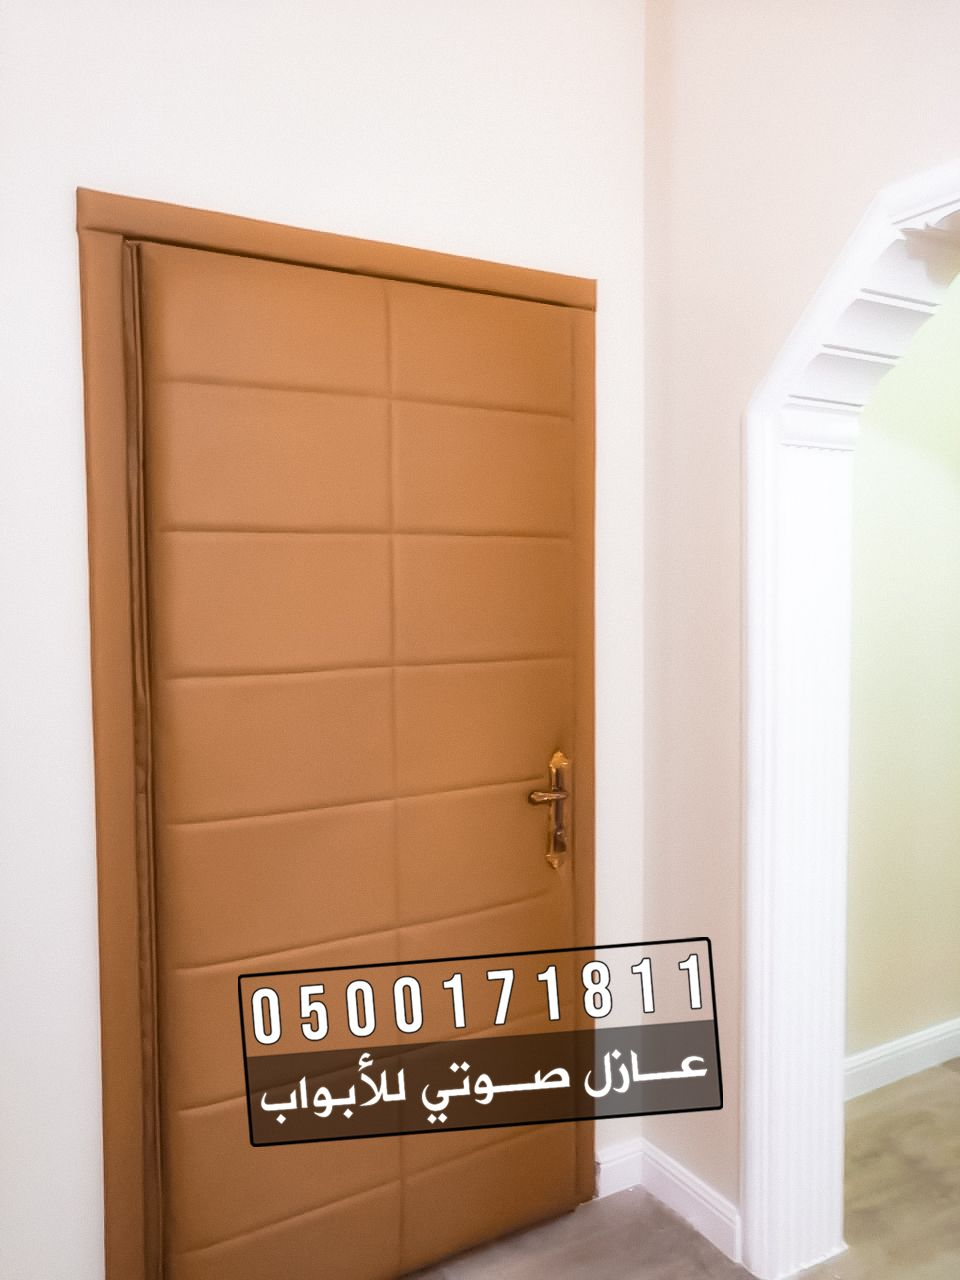 أقوى عازل صوتي للباب للأبواب للبيبان Home Decor Decals Home Decor